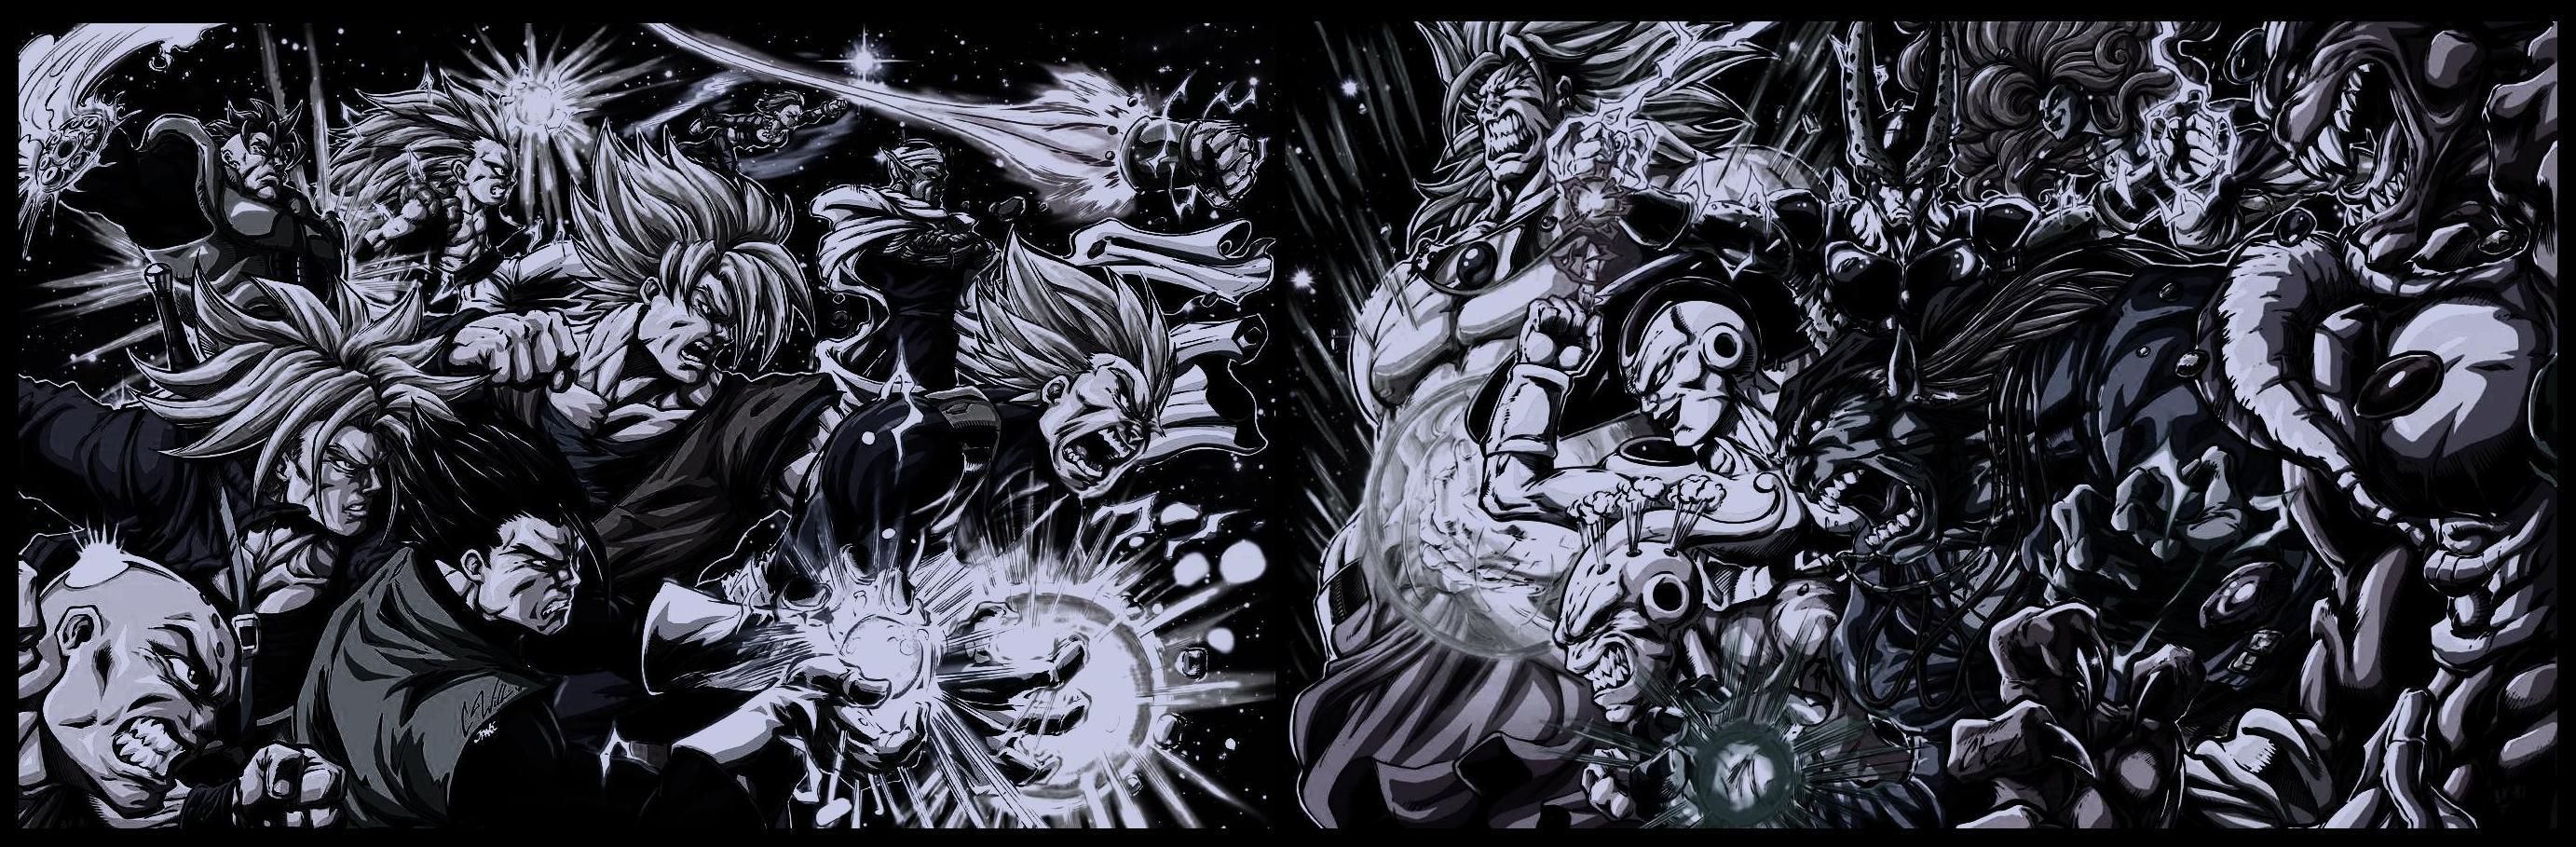 Dragon Ball Z wallpaper black and white72